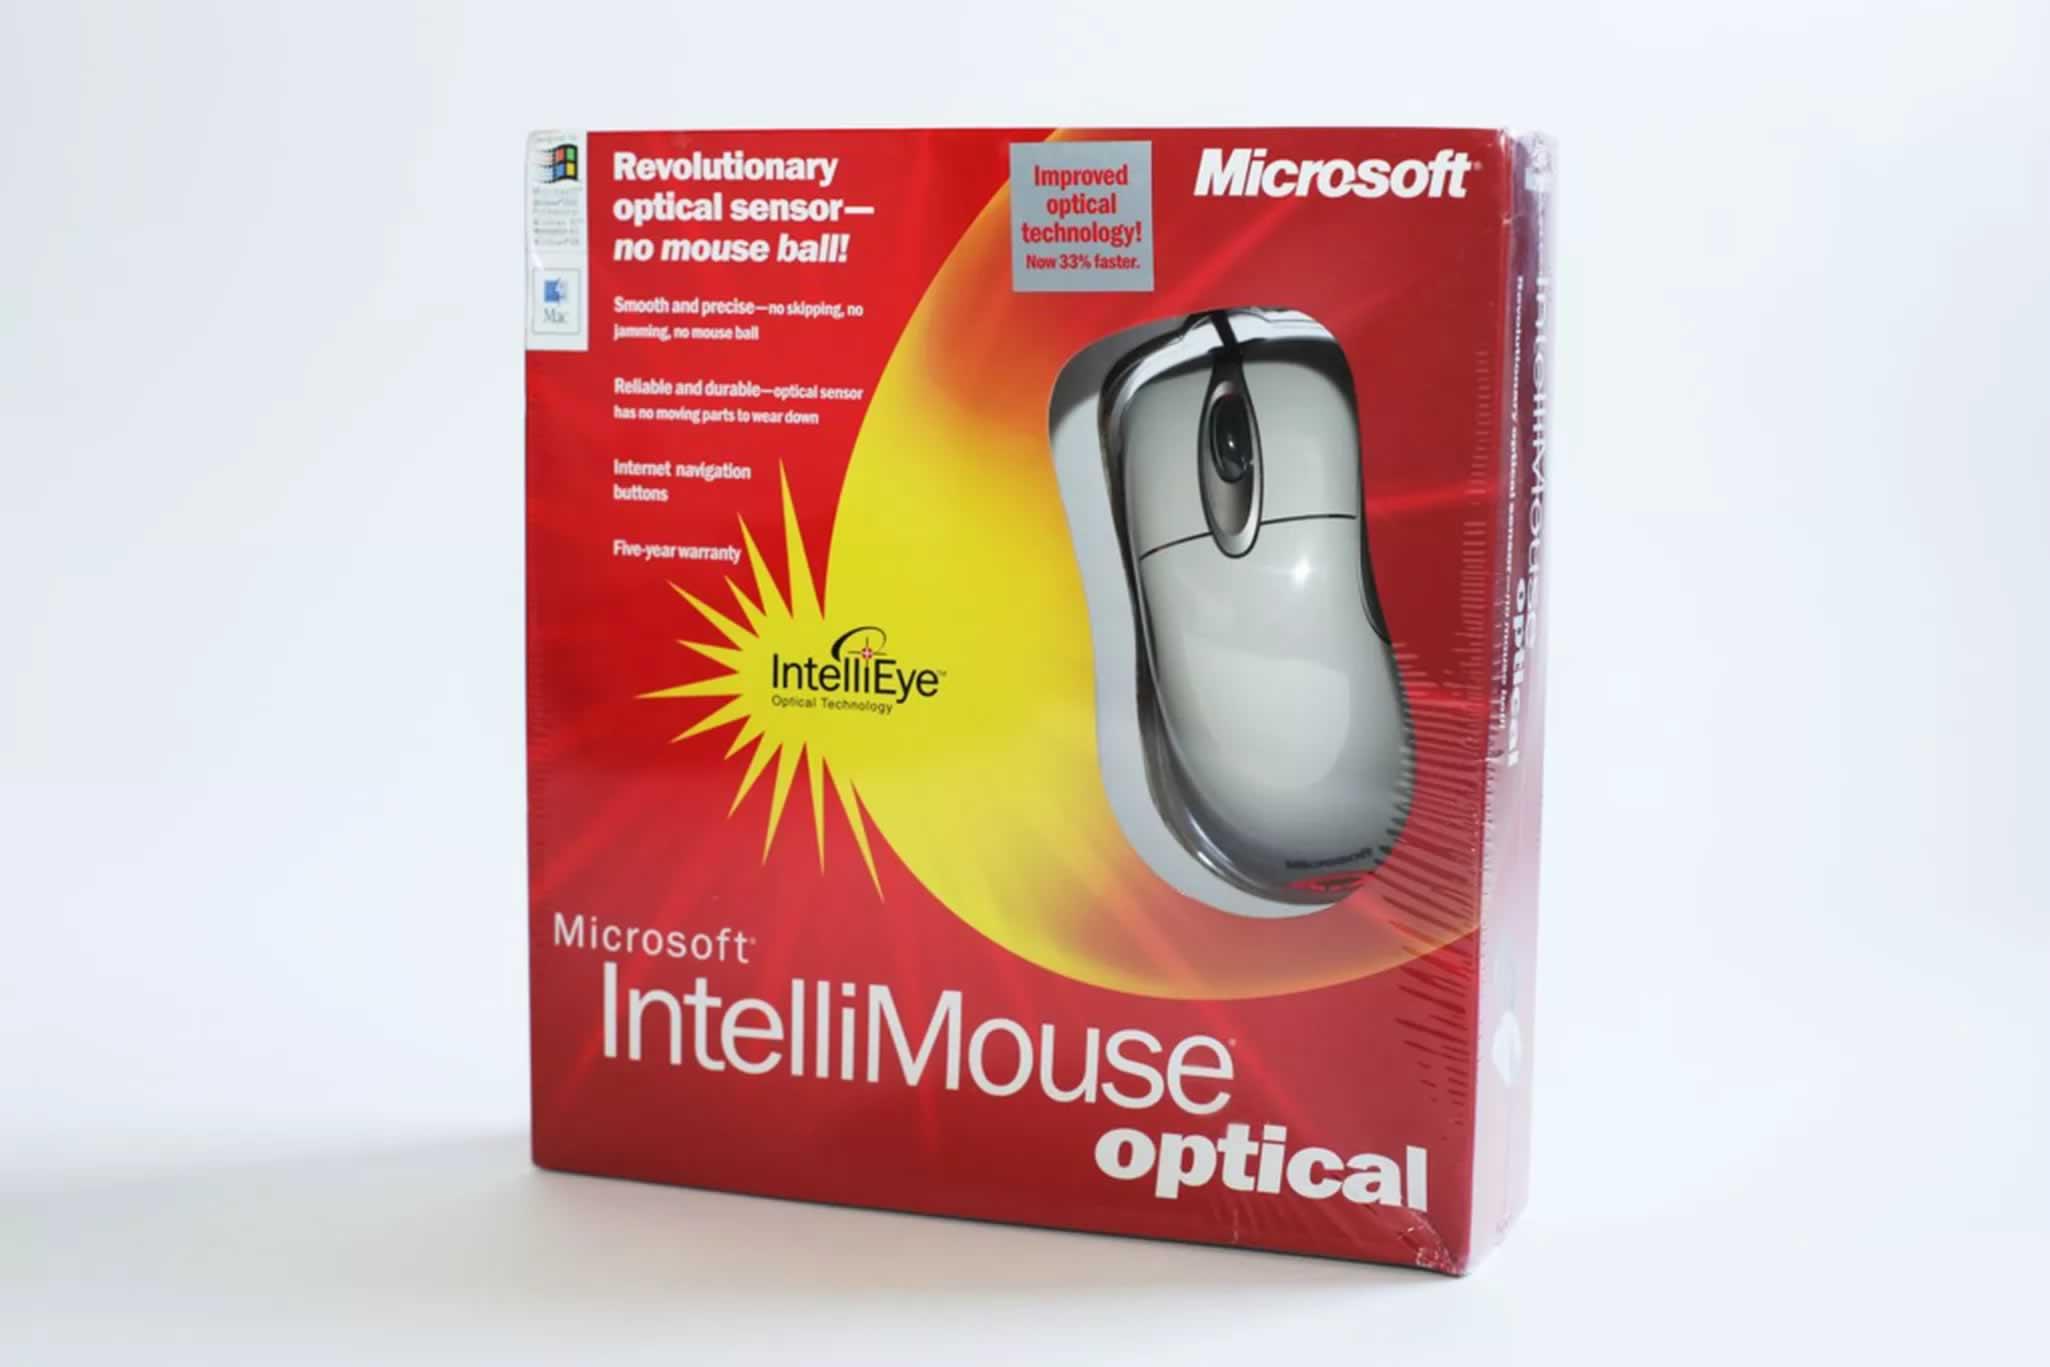 Há vinte anos o mouse da Microsoft revolucionava a informática